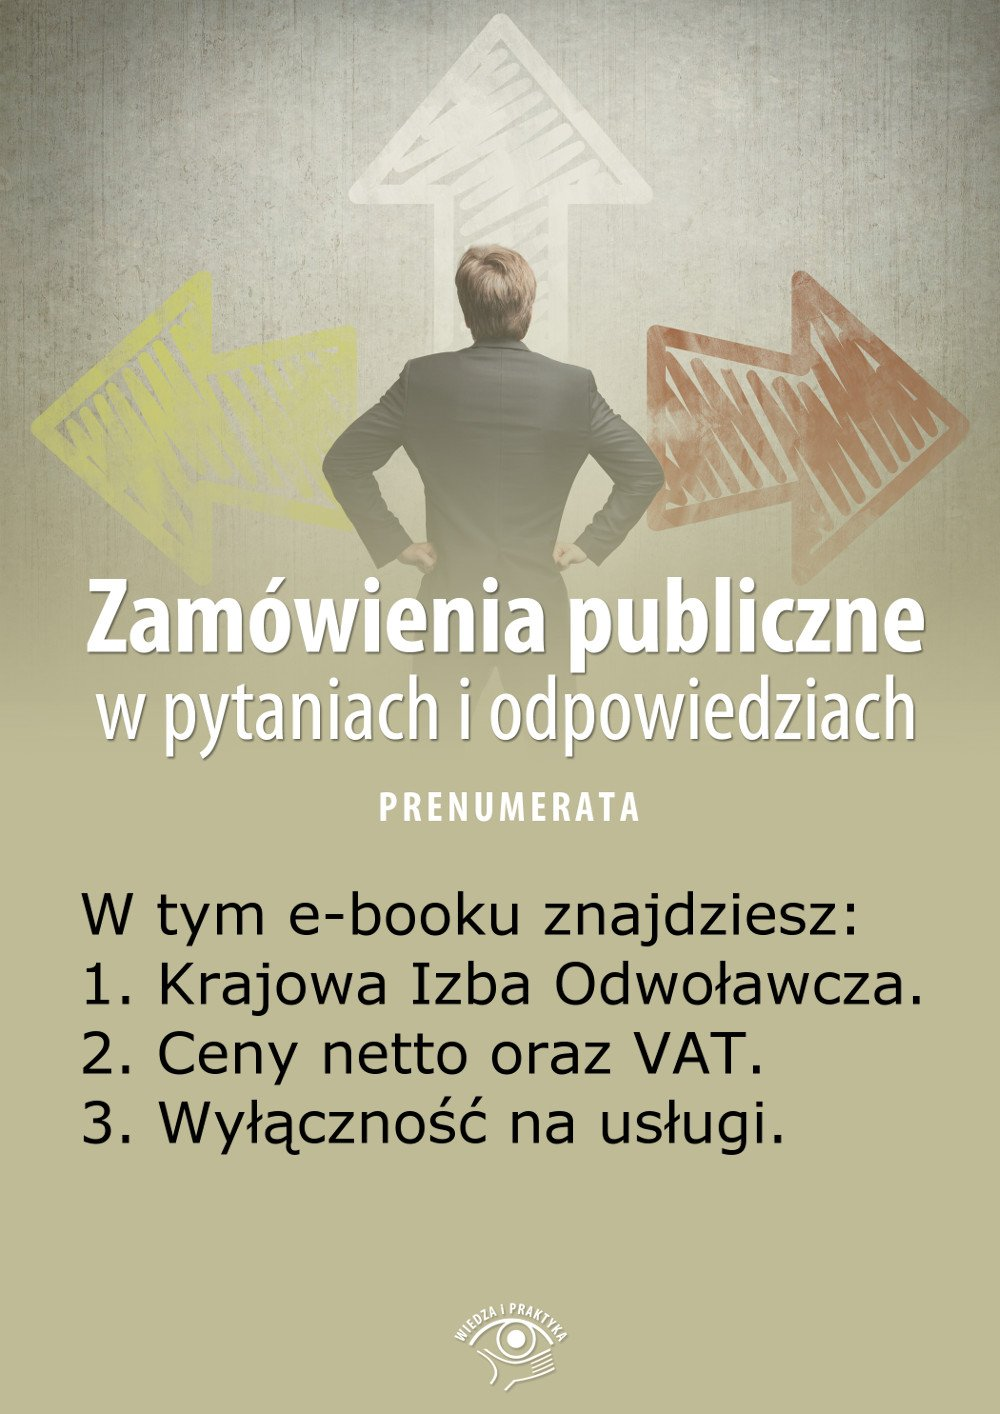 Zamówienia publiczne w pytaniach i odpowiedziach. Wydanie czerwiec 2014 r. - Ebook (Książka EPUB) do pobrania w formacie EPUB